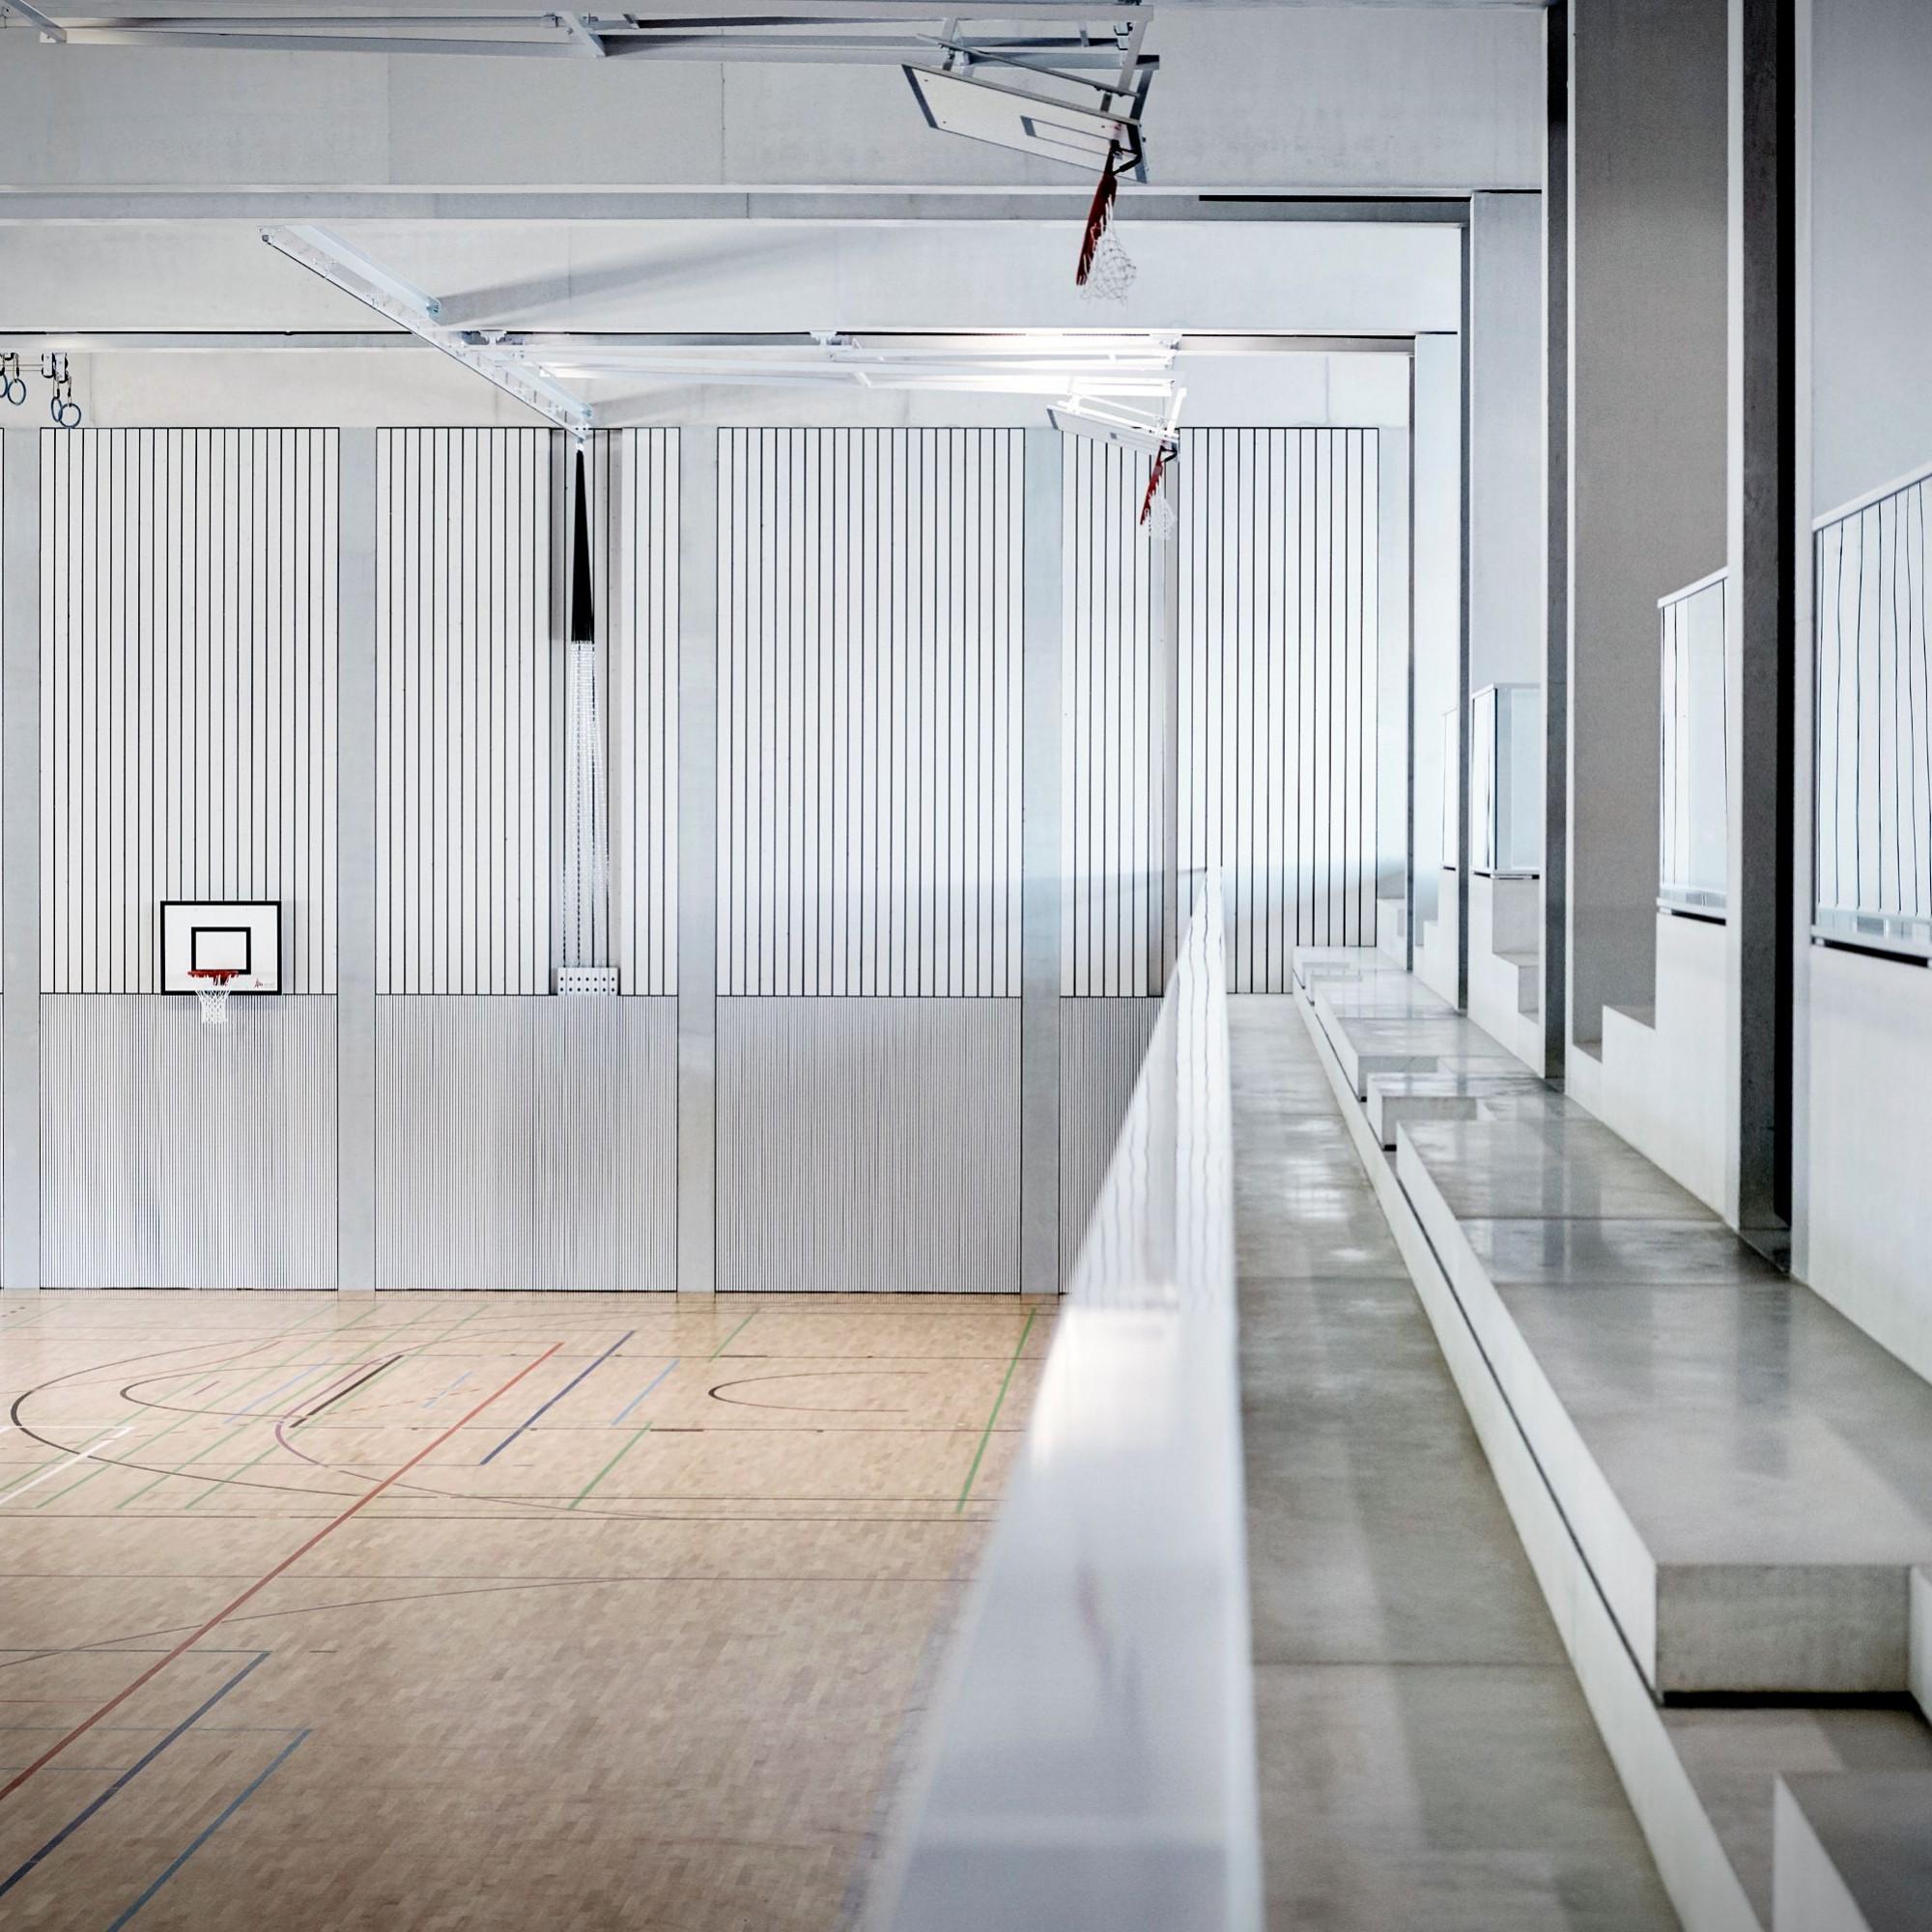 Die Dreifachsporthalle der Anlage bietet eineTribüne mit 150 Sitzplätzen.